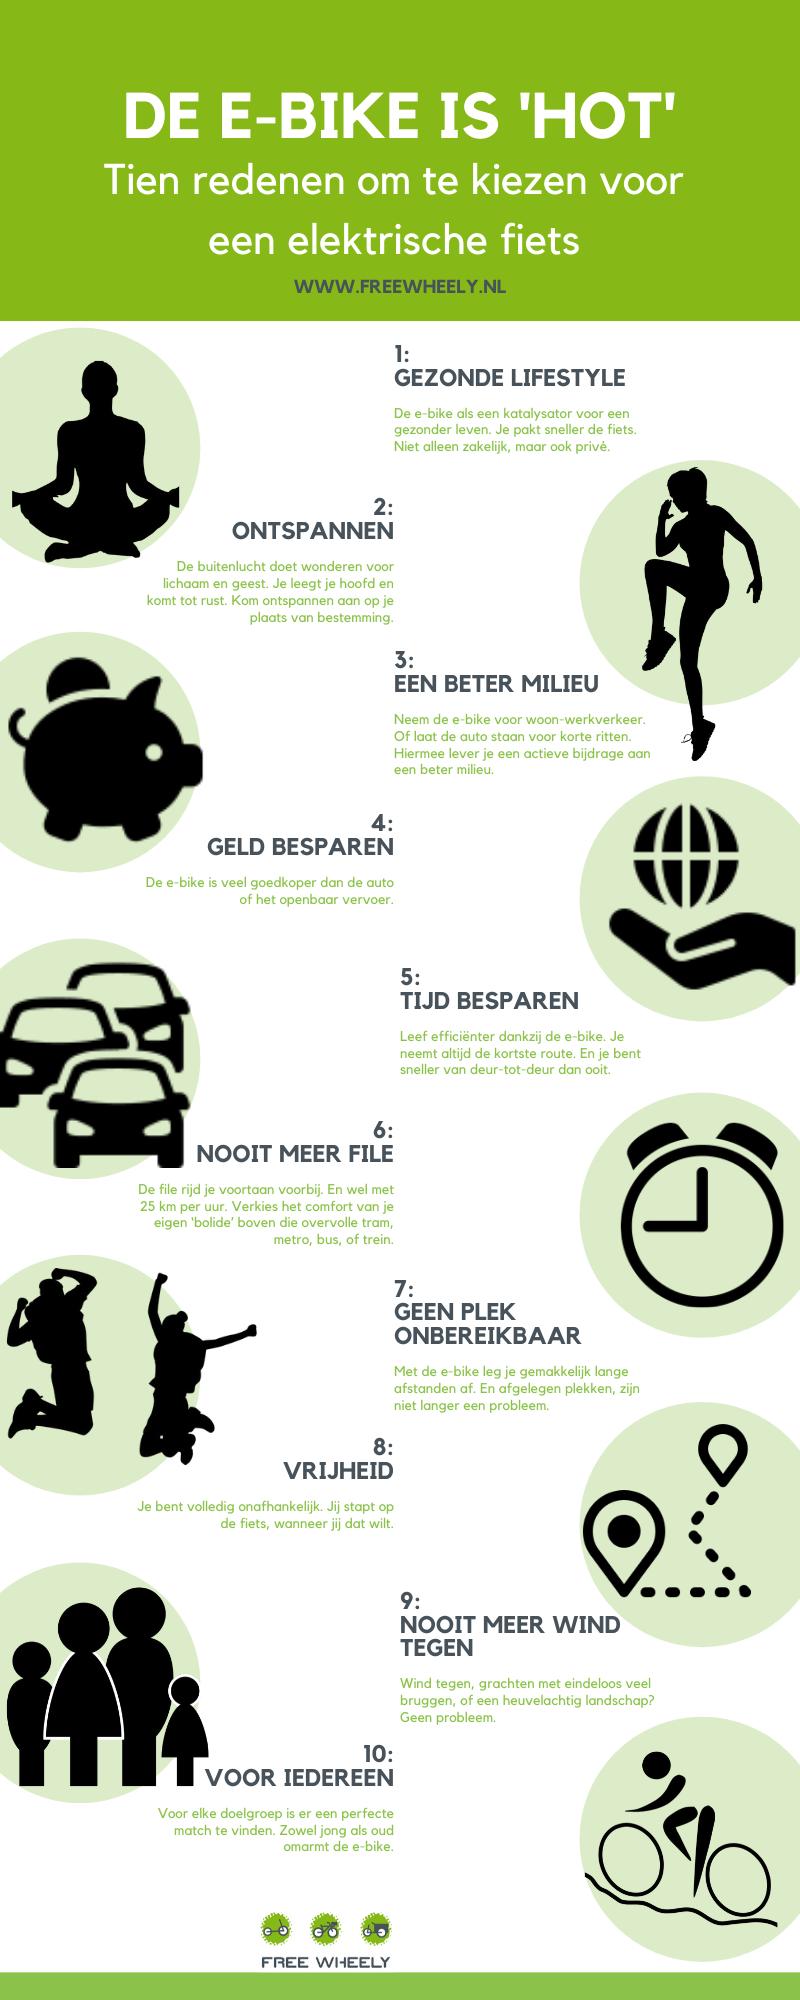 Infographic Free Wheely-Tien redenen om te kiezen voor een elektrische fiets